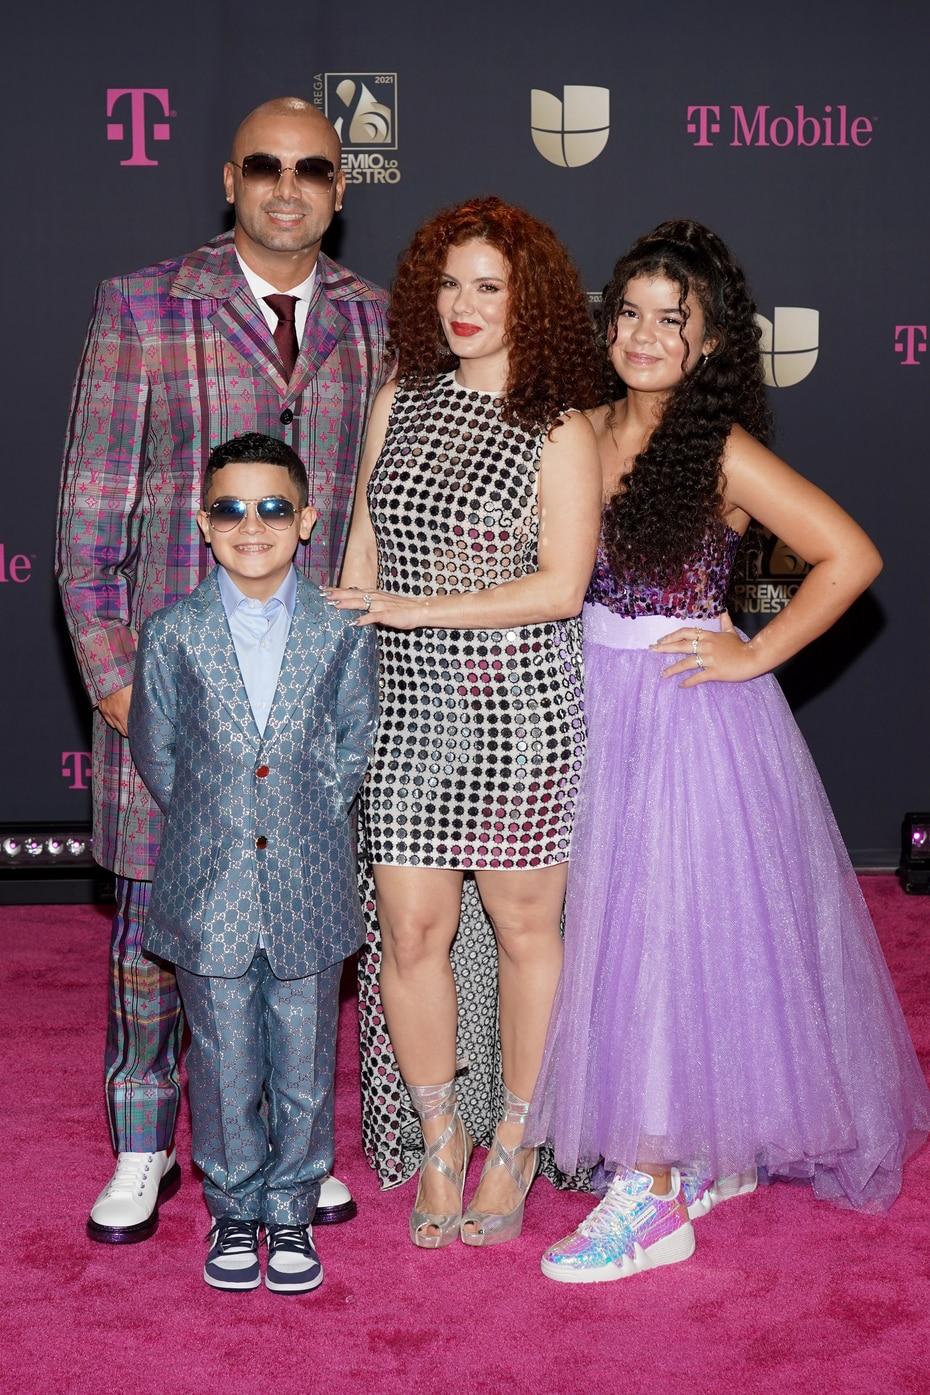 El reguetonero Wisin, quien cuenta con un premio por su trayectoria, llegó acompañado por su esposa Yomaira y sus hijos Yelena y Dylan.